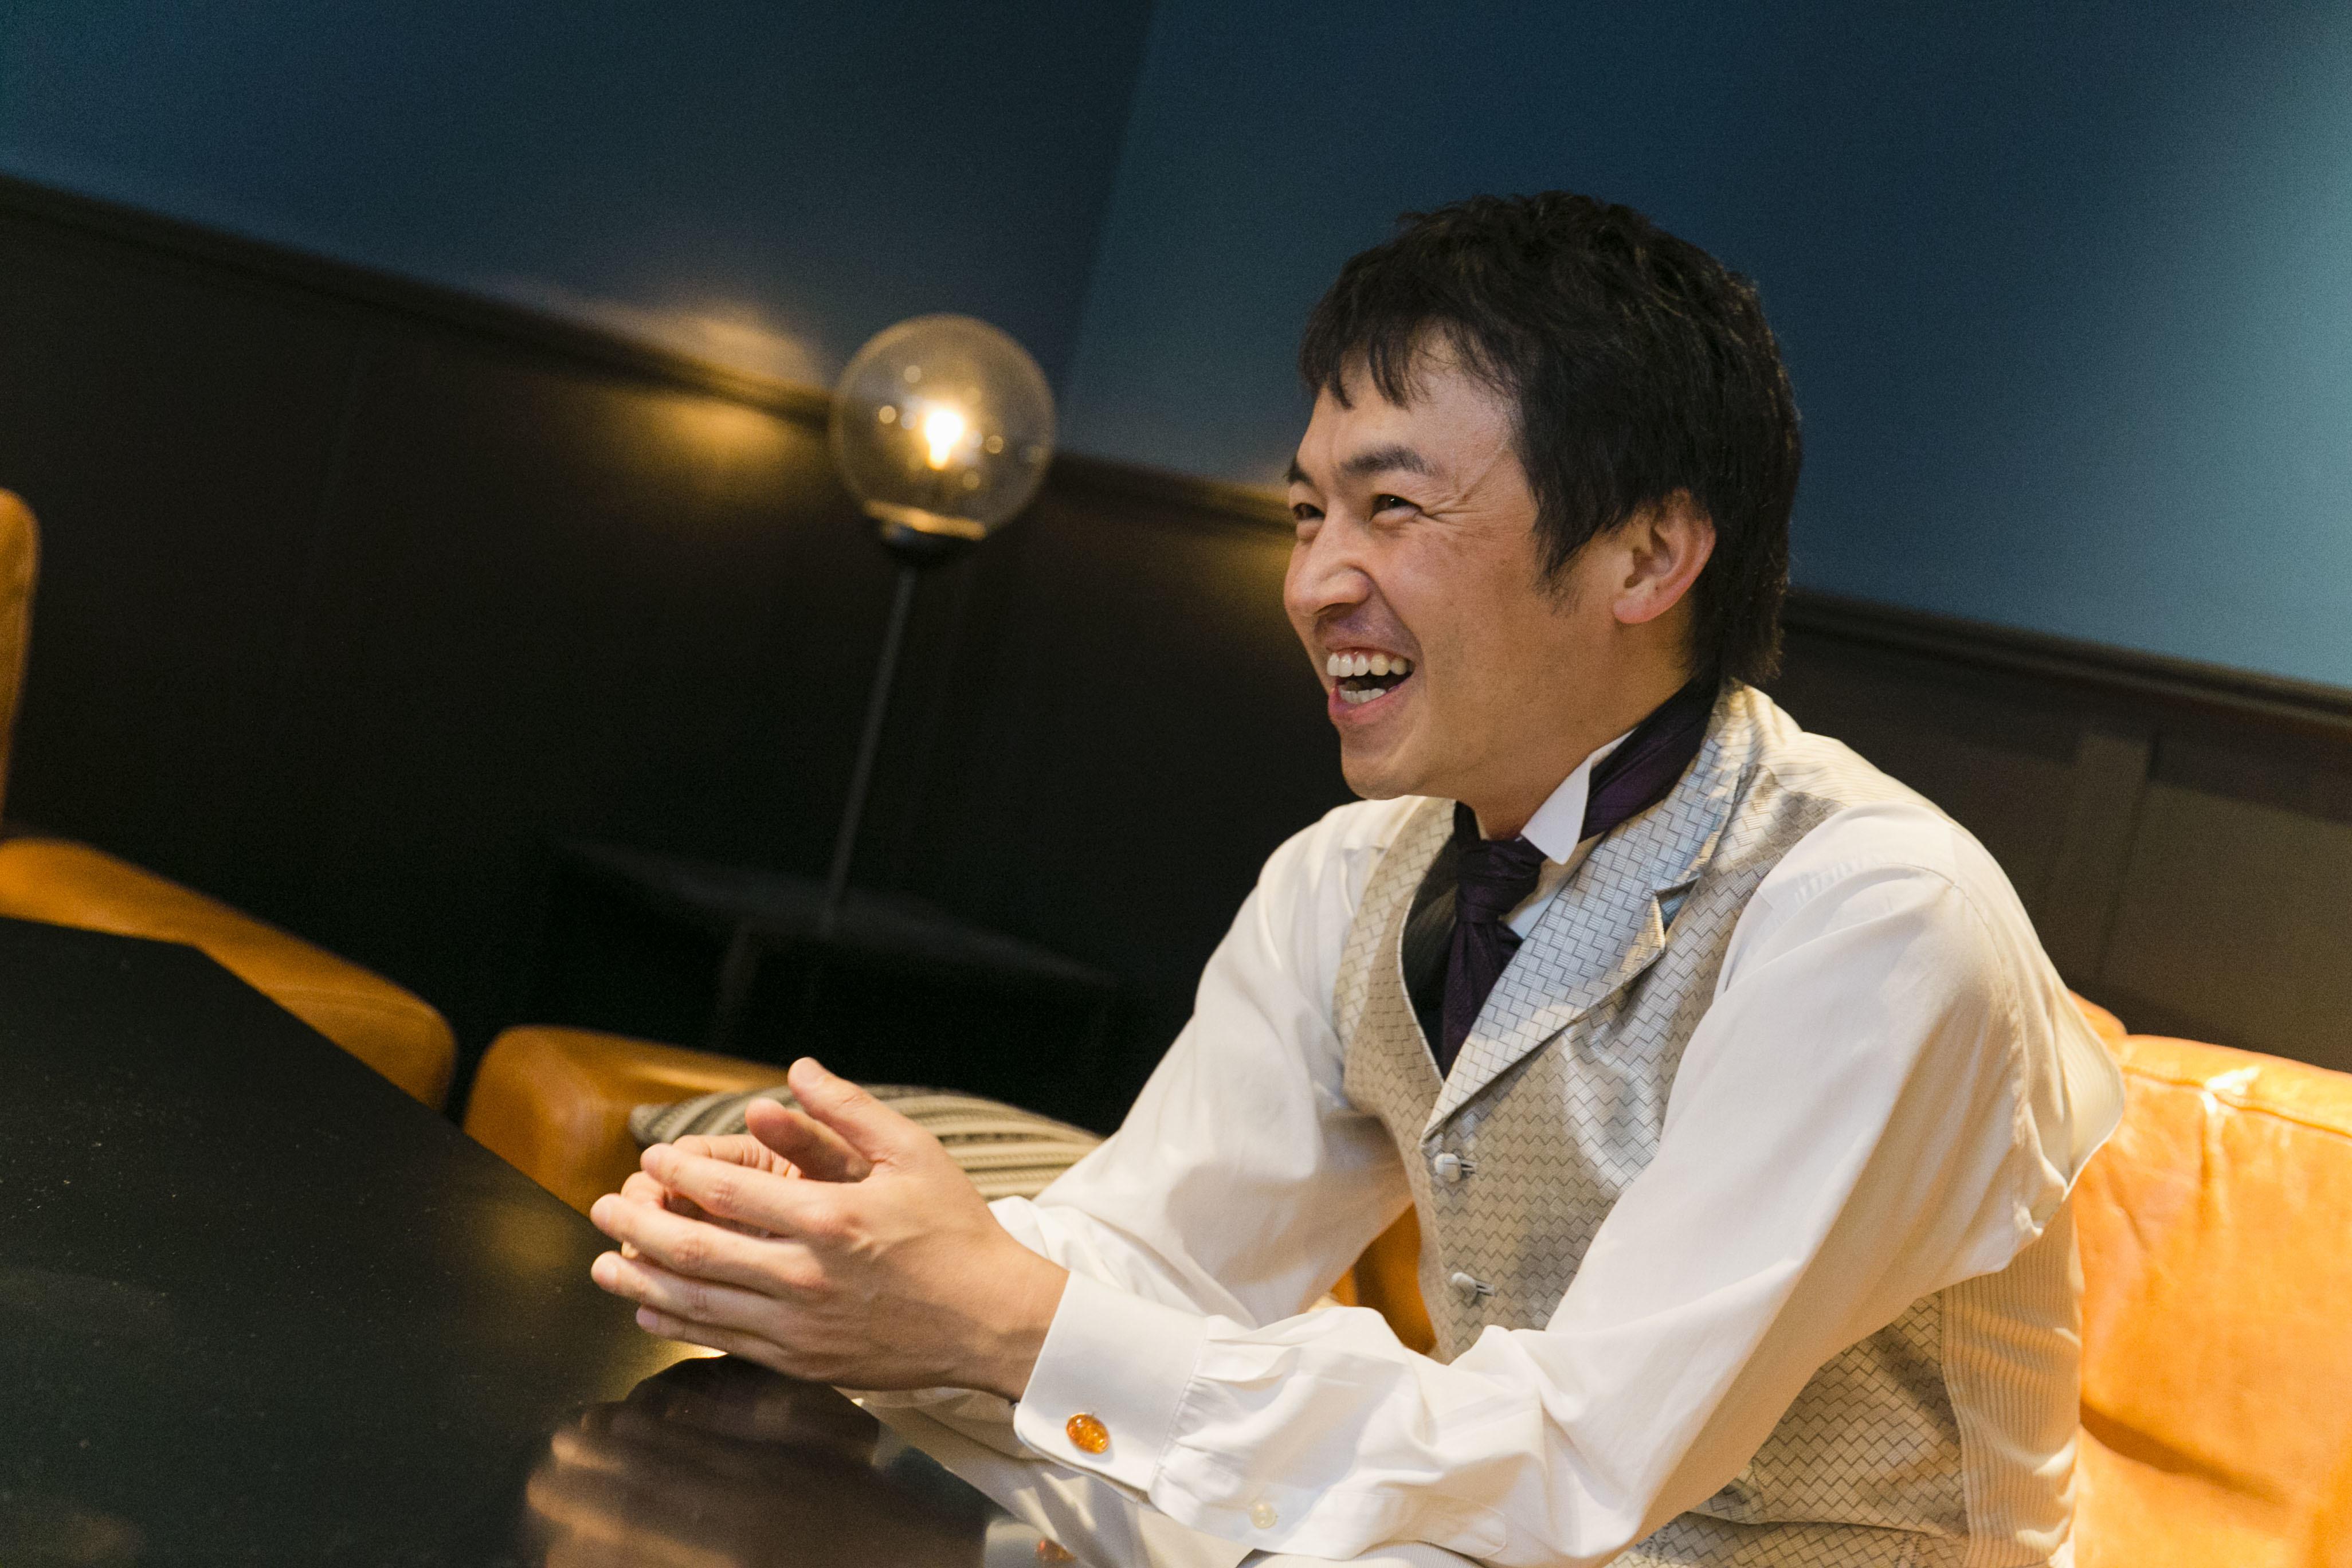 インタビューの模様 (撮影=福岡諒祠)